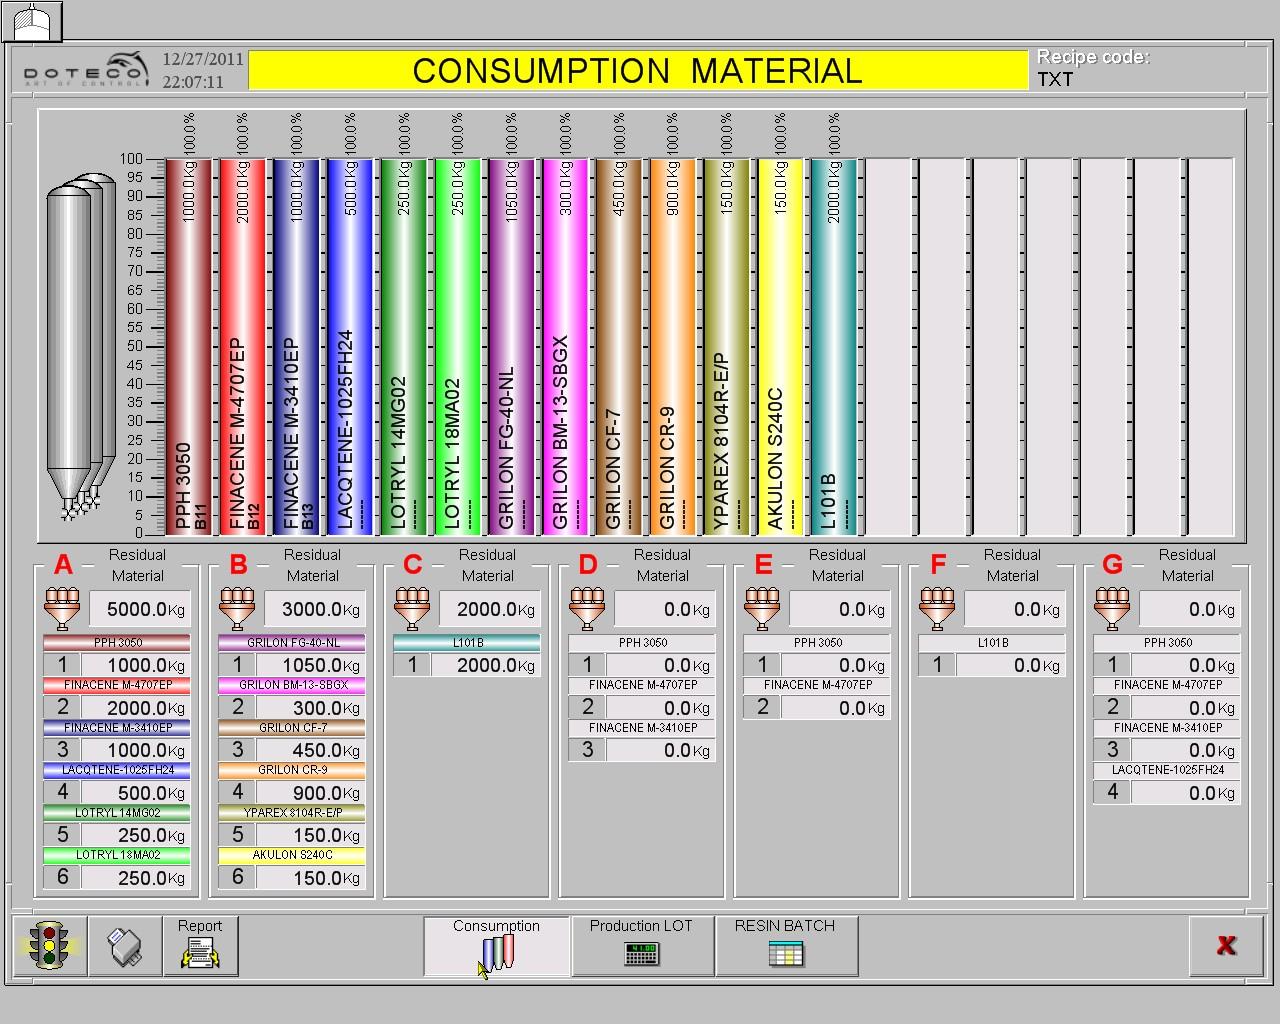 consumption material